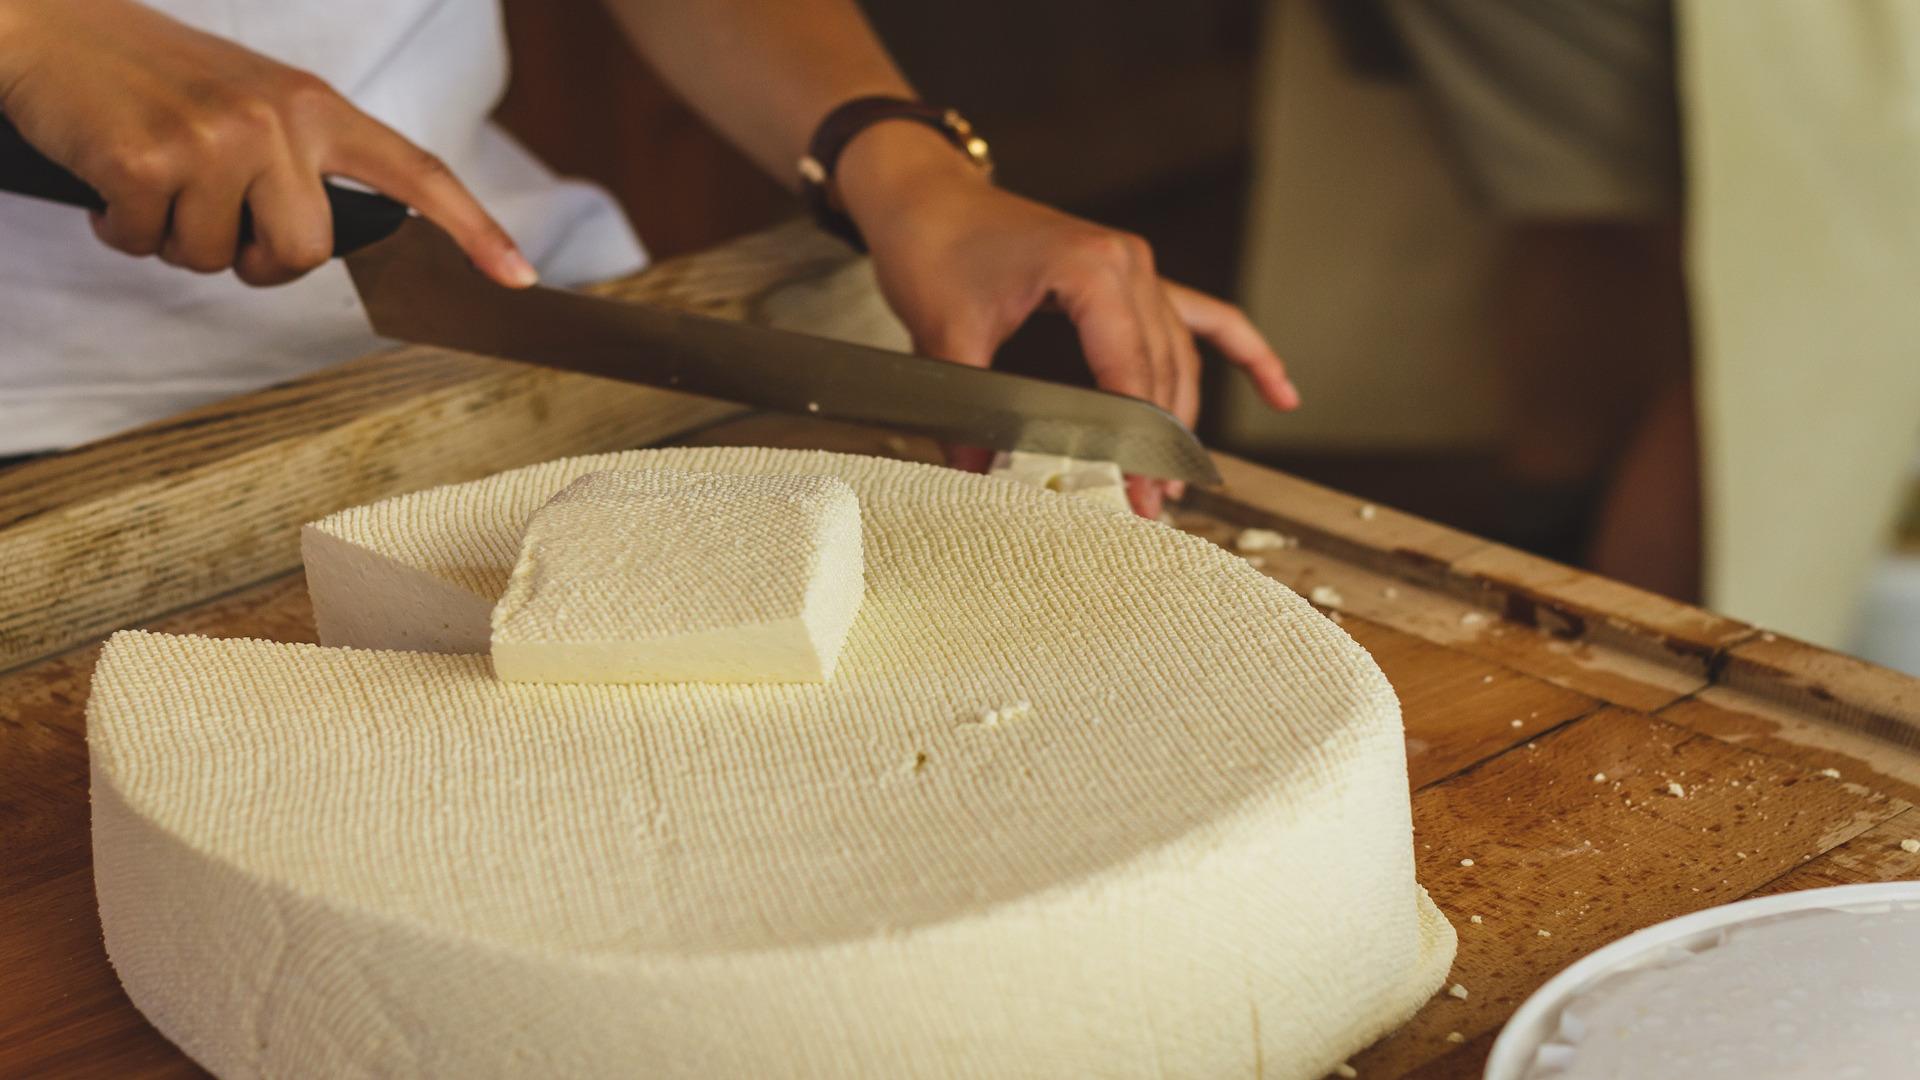 conseguir-mas-produccion-en-los-quesos-gallegos-con-sello-de-calidad-1920